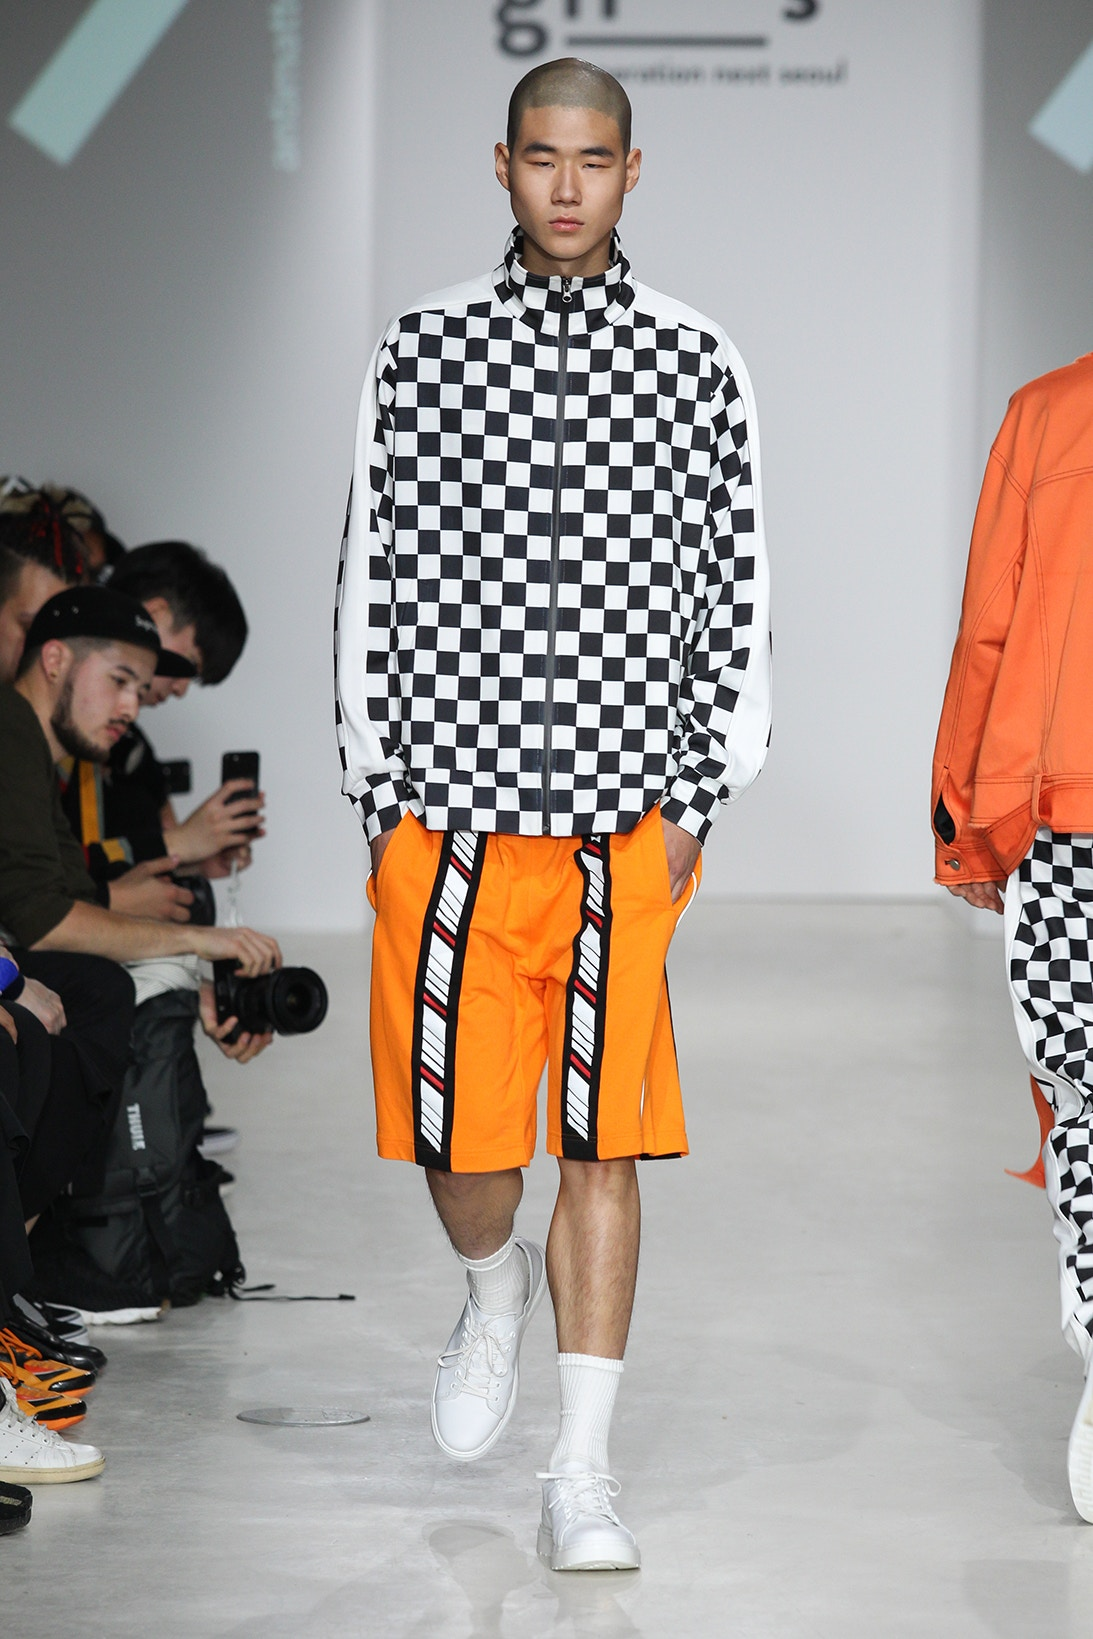 ANTIMATTER Revamps Sportswear for Spring/Summer 2018